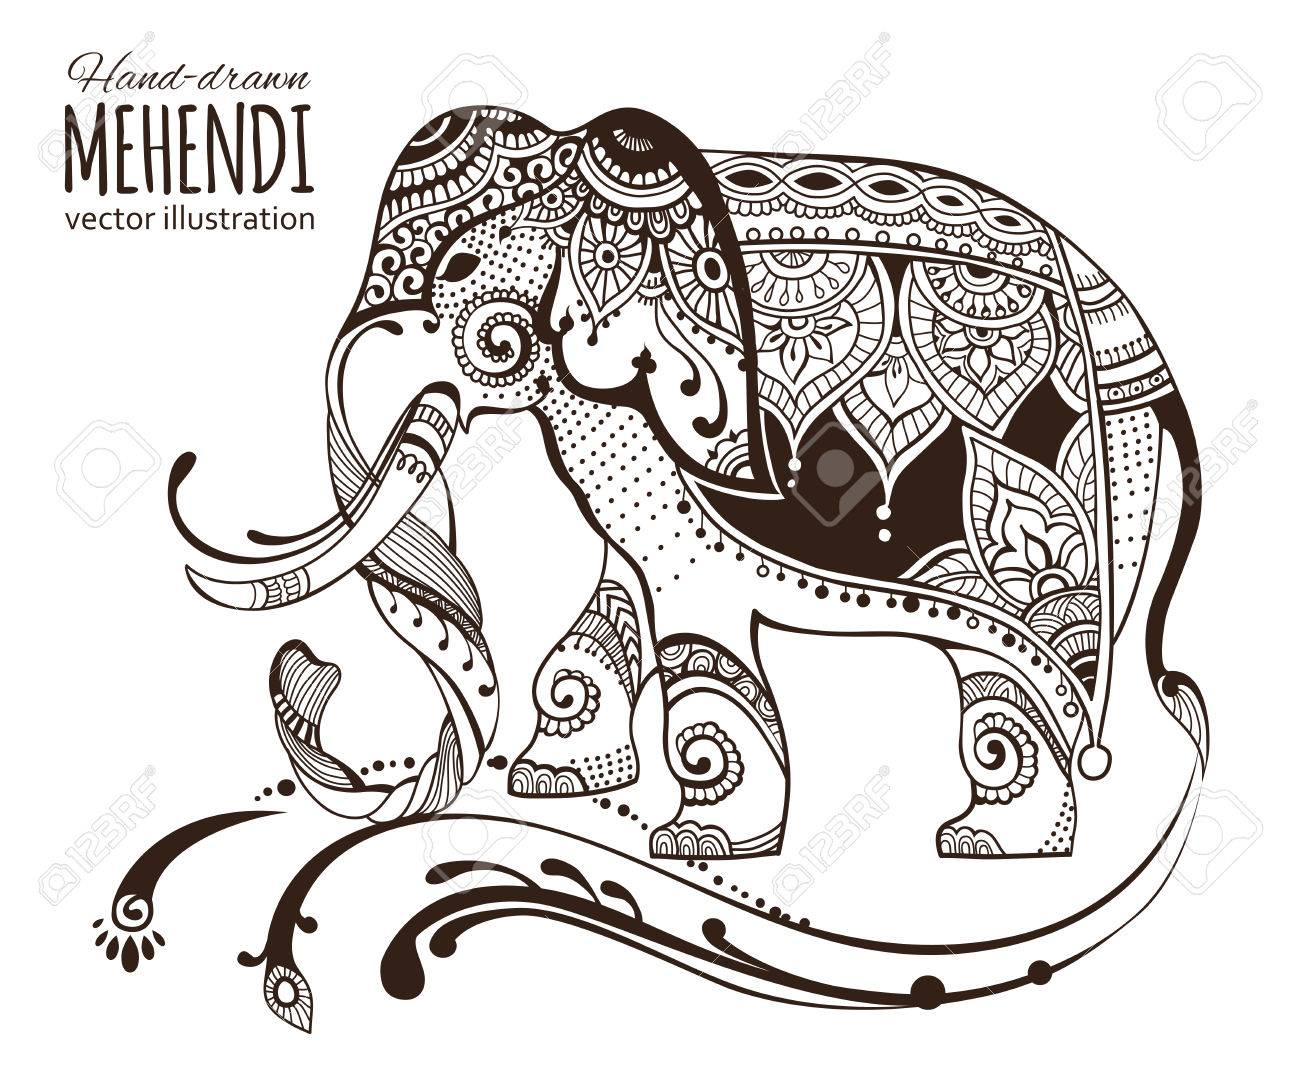 Elefante Mehendi Dibujado A Mano. ,, Diseño Africano étnico Indio ...